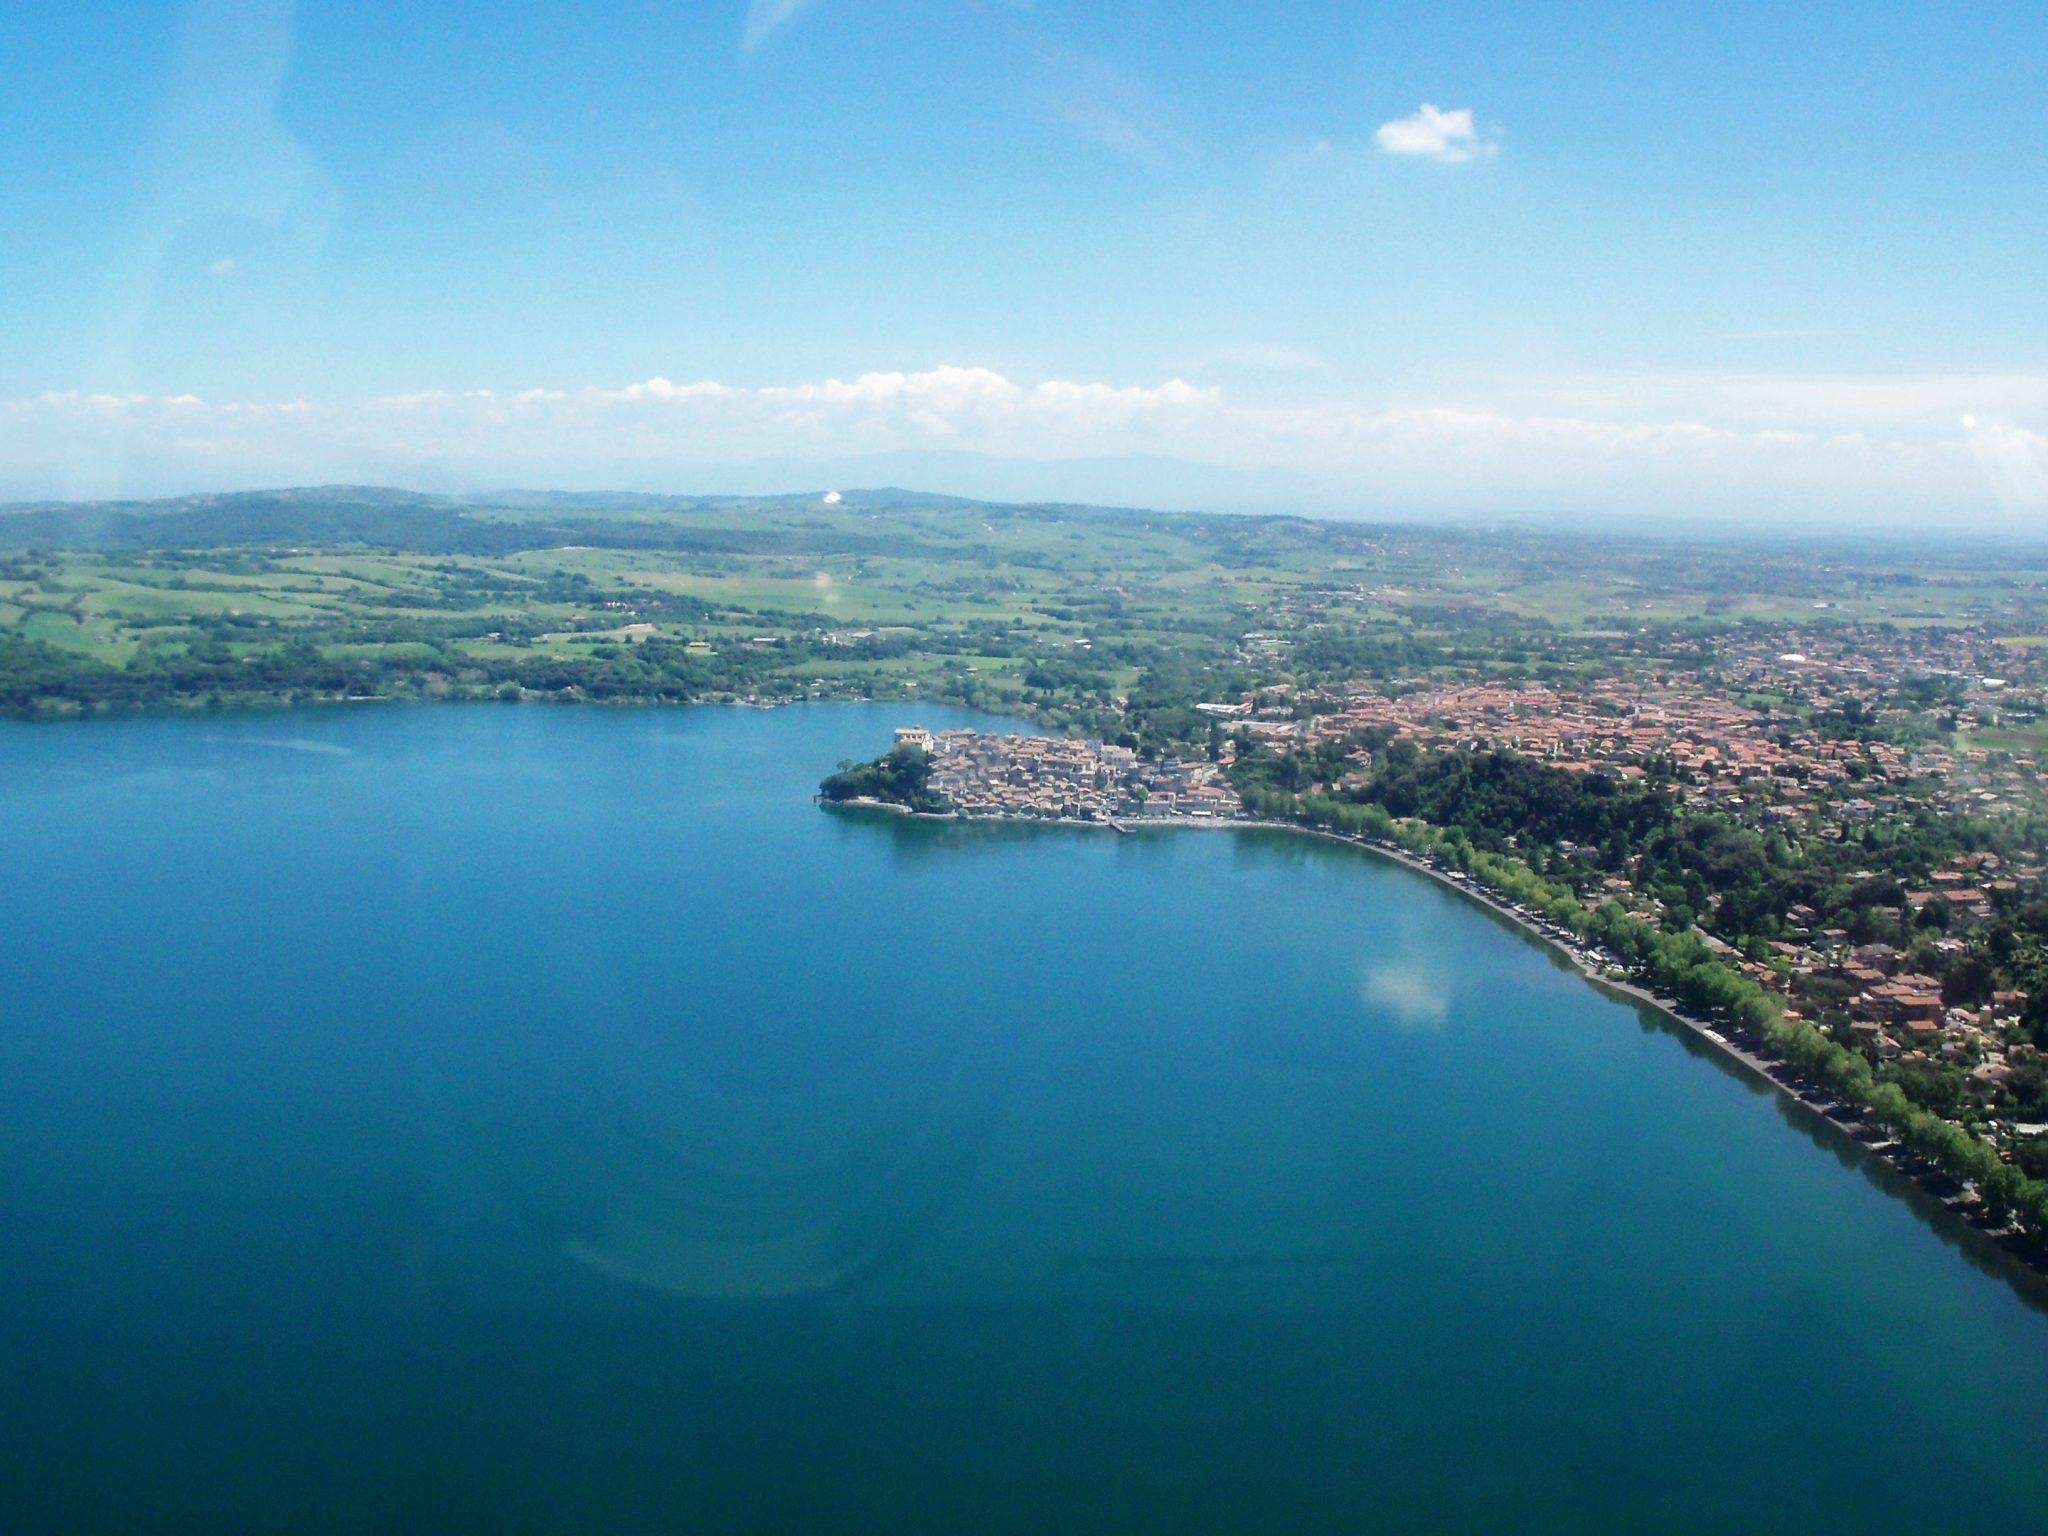 Comitato per la Difesa Lago Bracciano prende atto richiesta rinvio a giudizio per disastro ambientale aggravato per vertici Acea Ato 2 e per Acea Ato 2